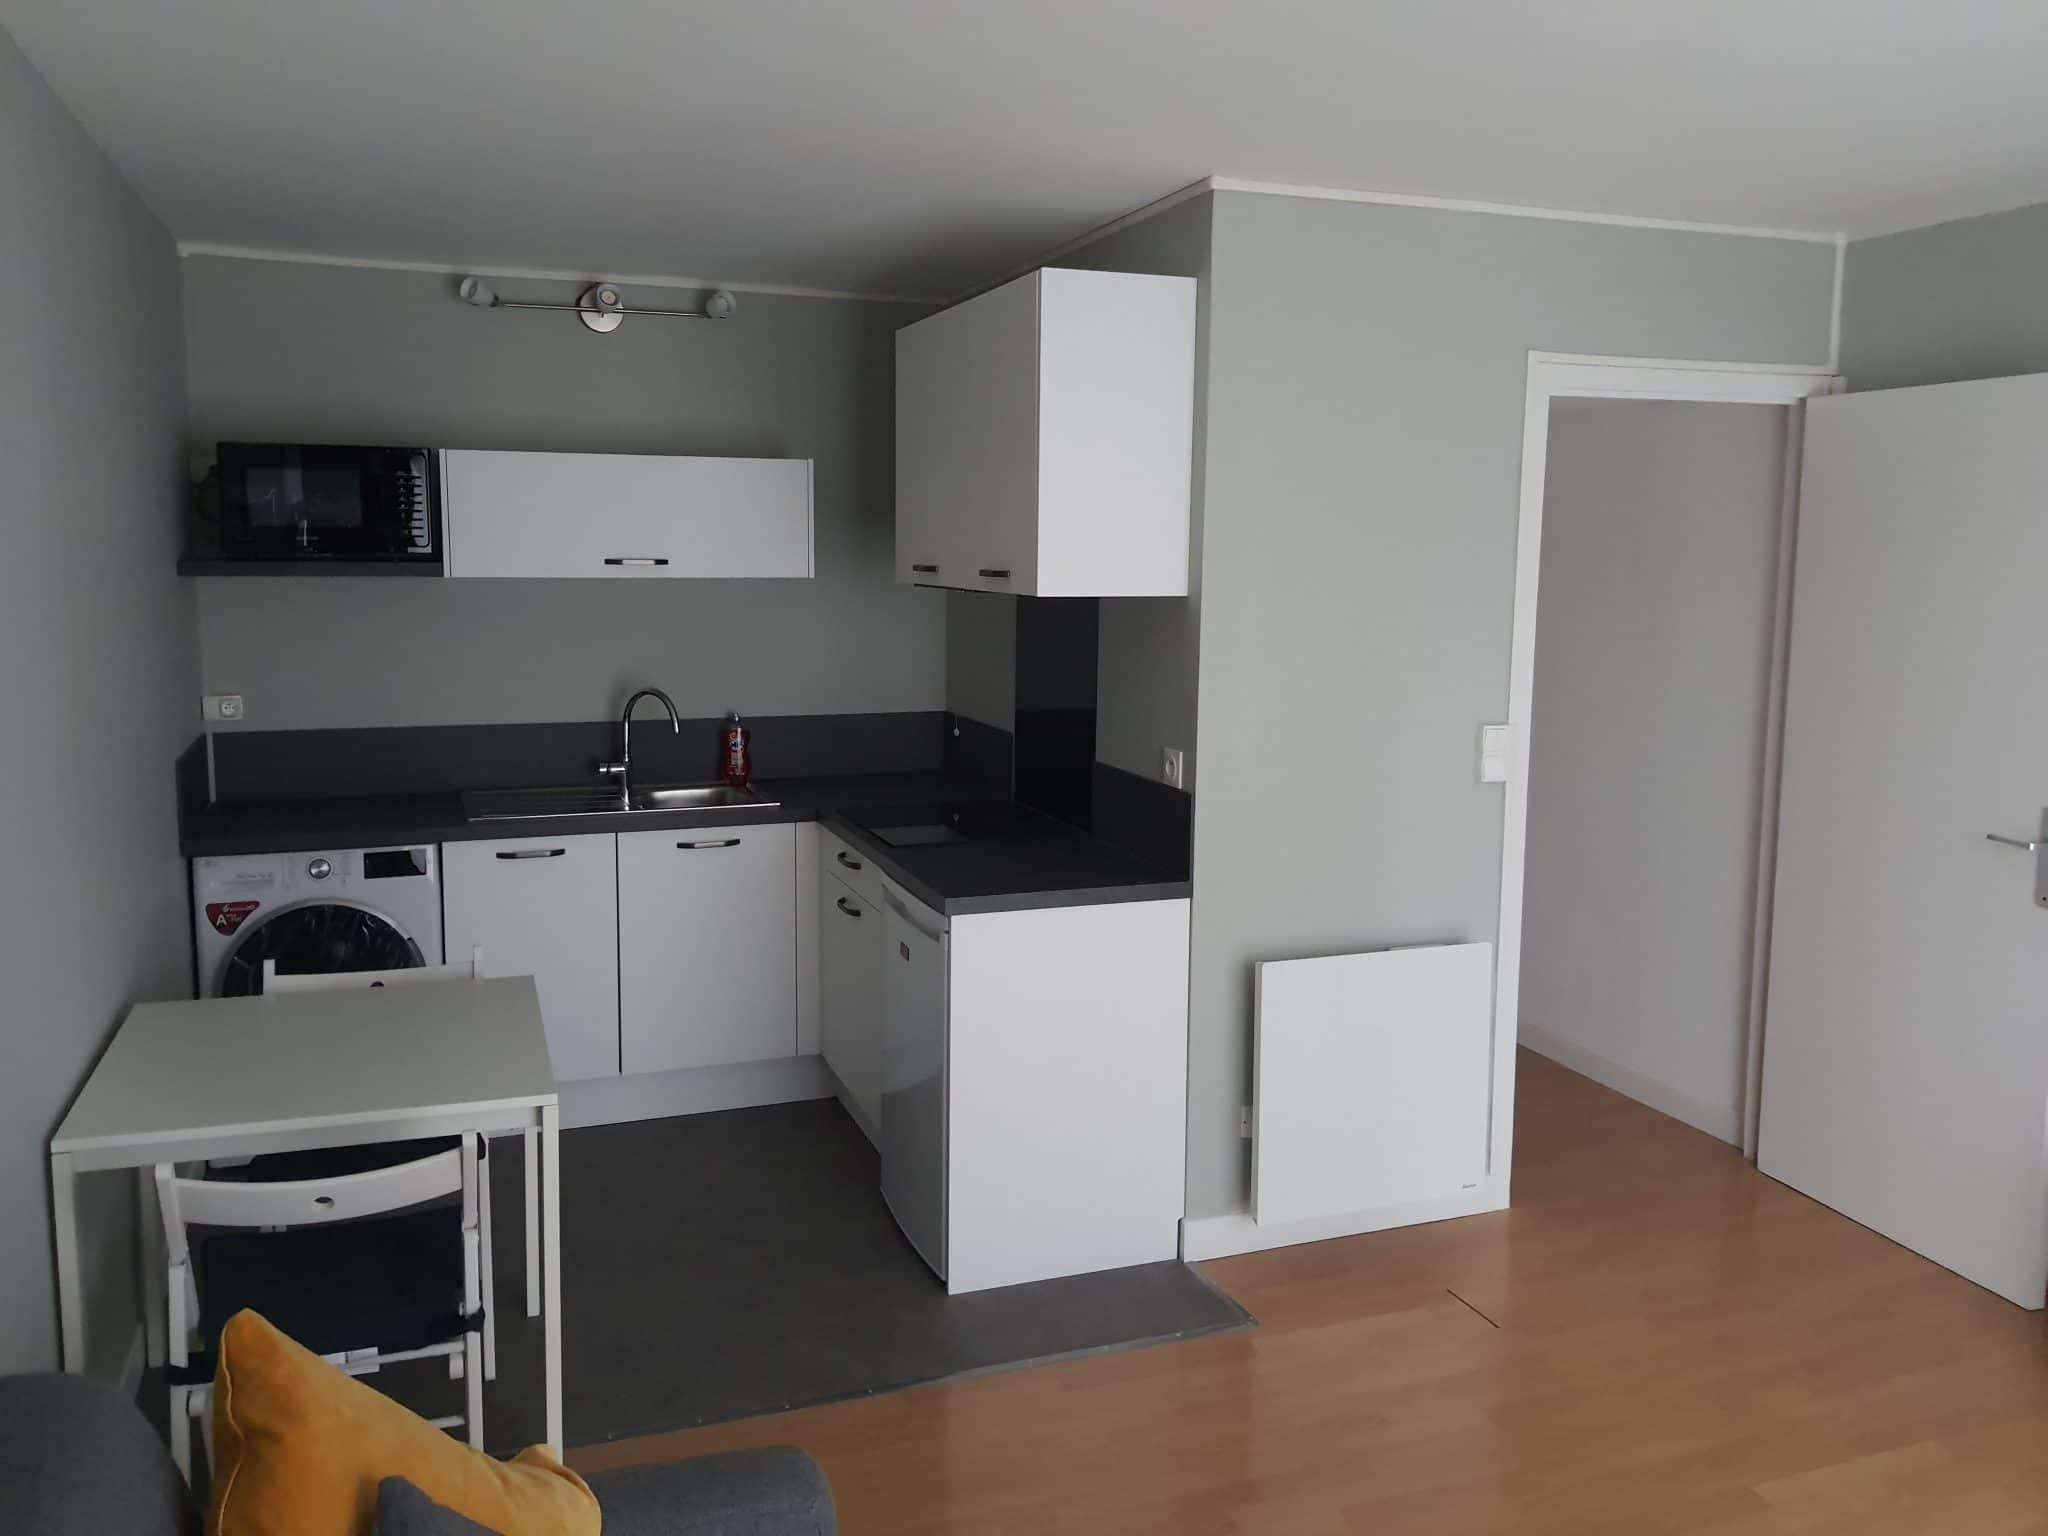 Rénovation d'un studio pour de la location à Lille (59)